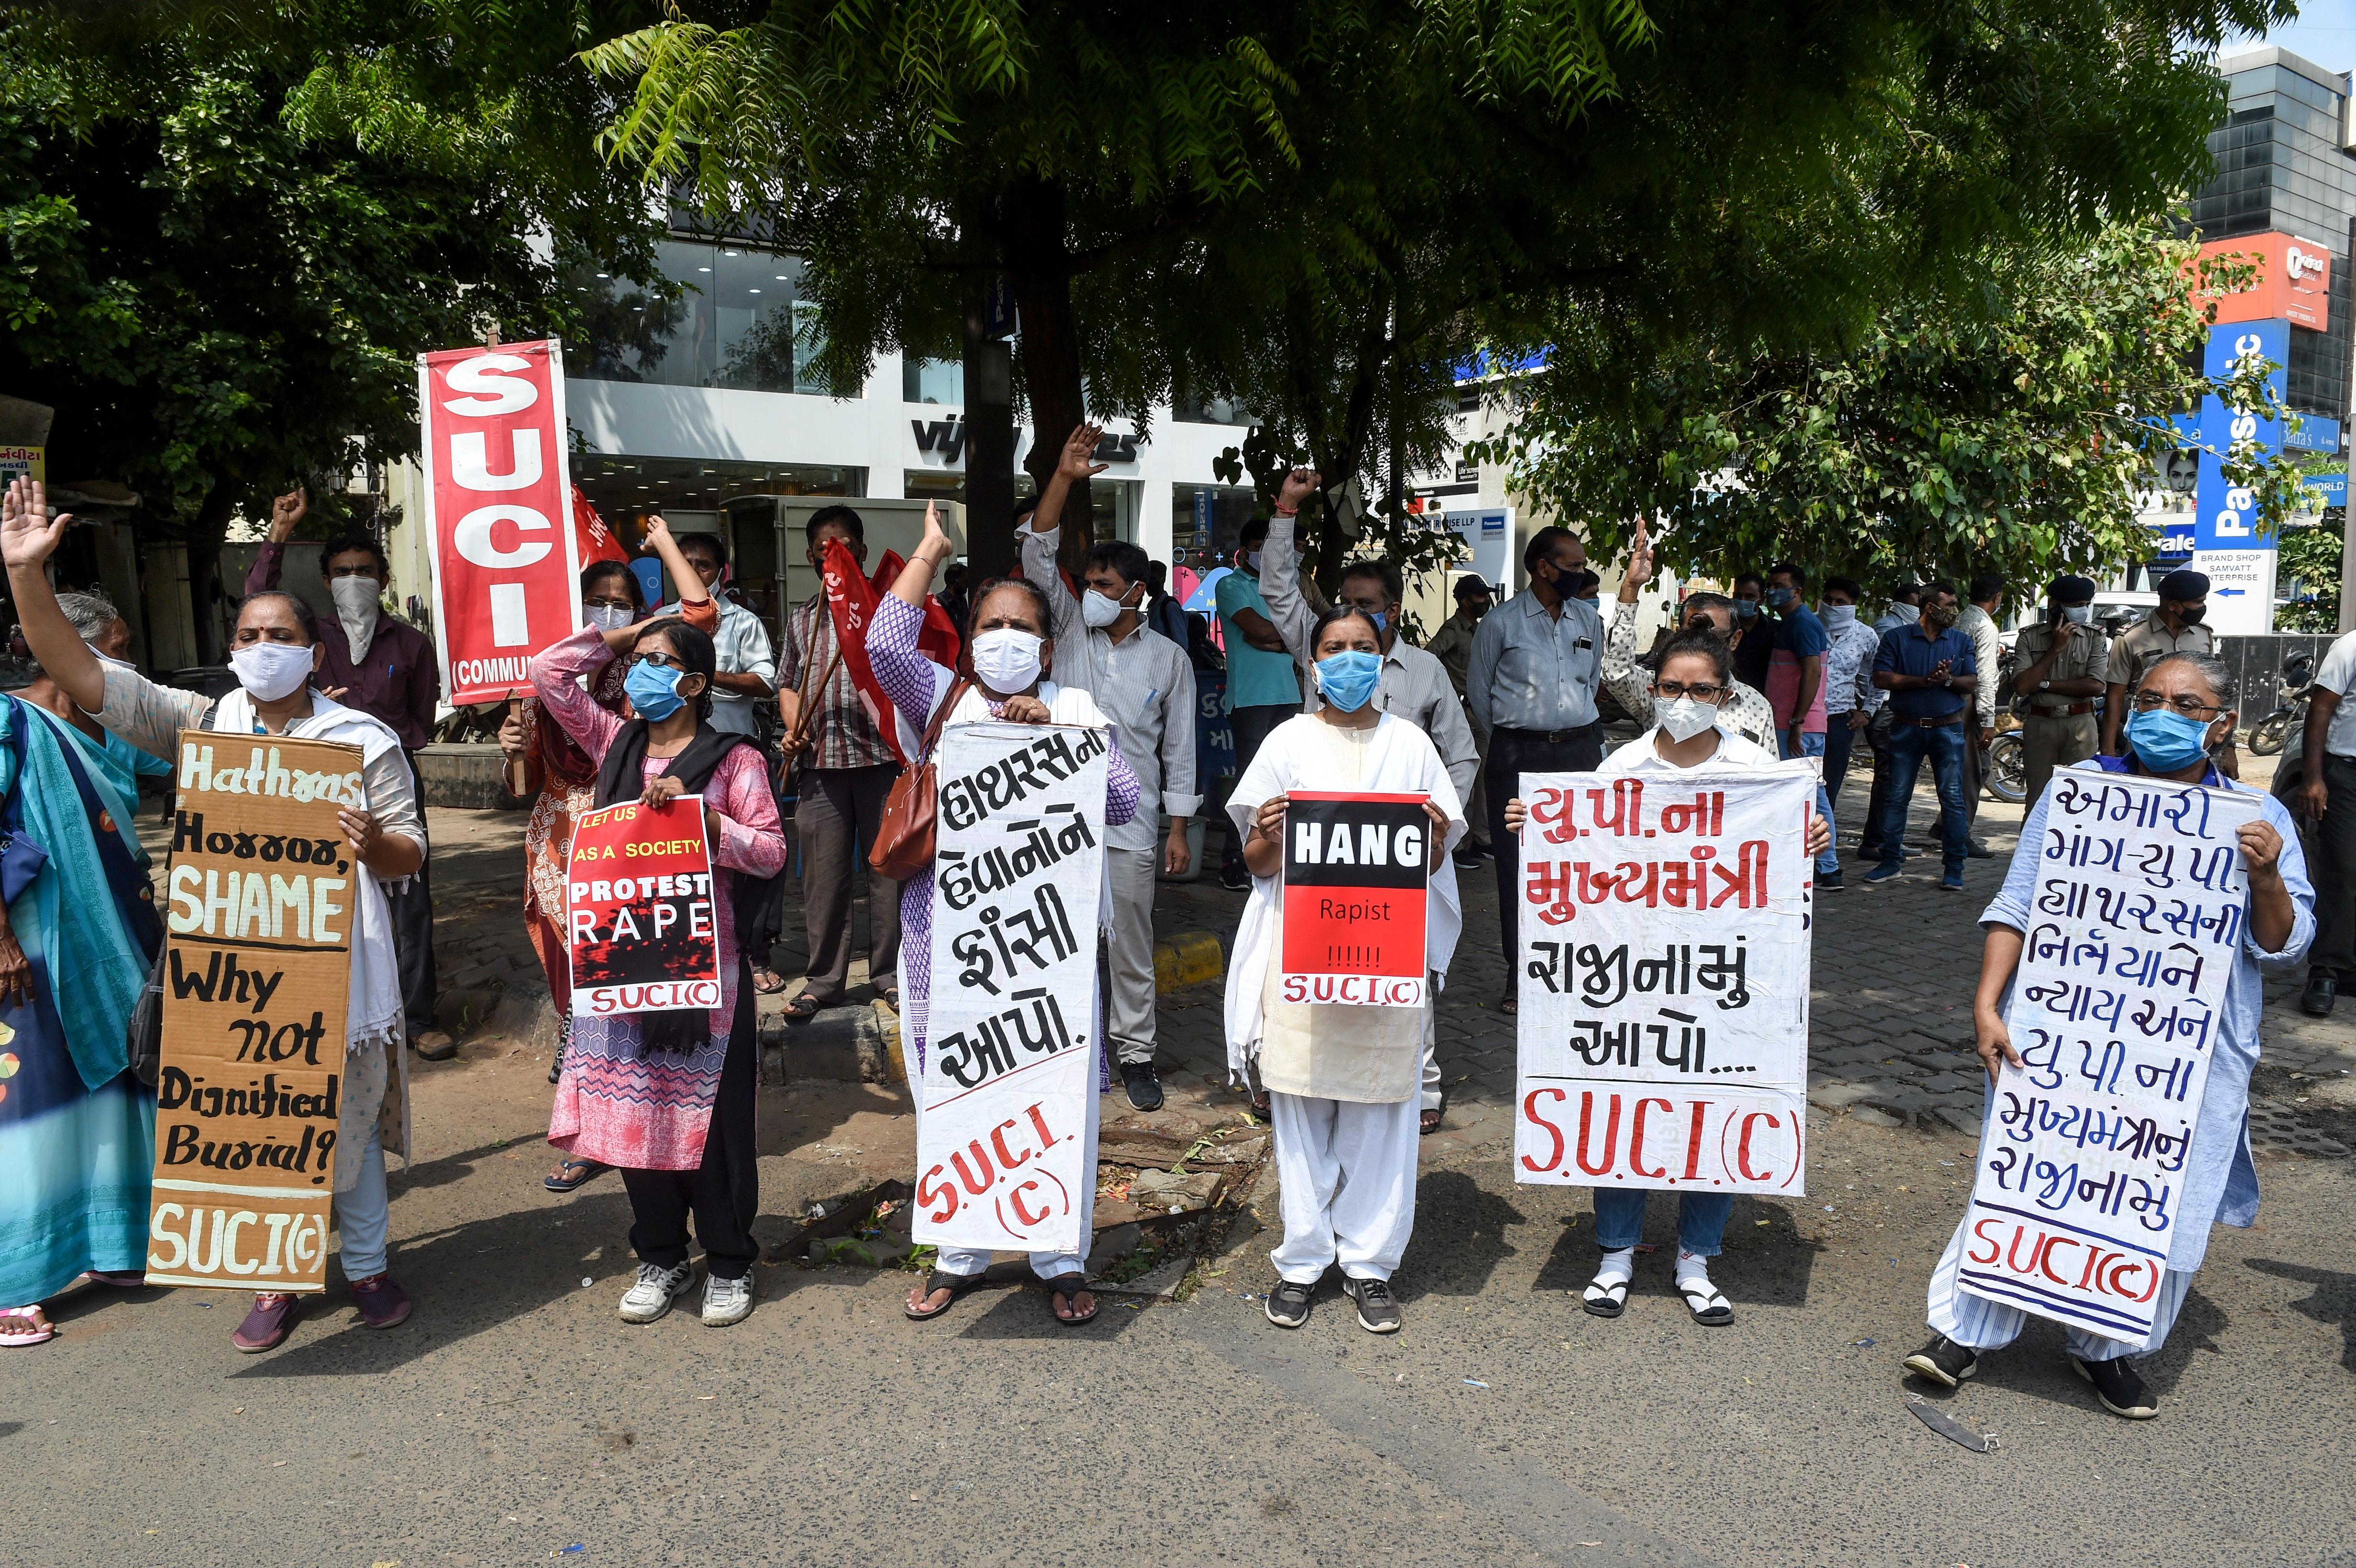 Megint csoportosan megerőszakoltak egy indiai nőt, folytatódnak a demonstrációk